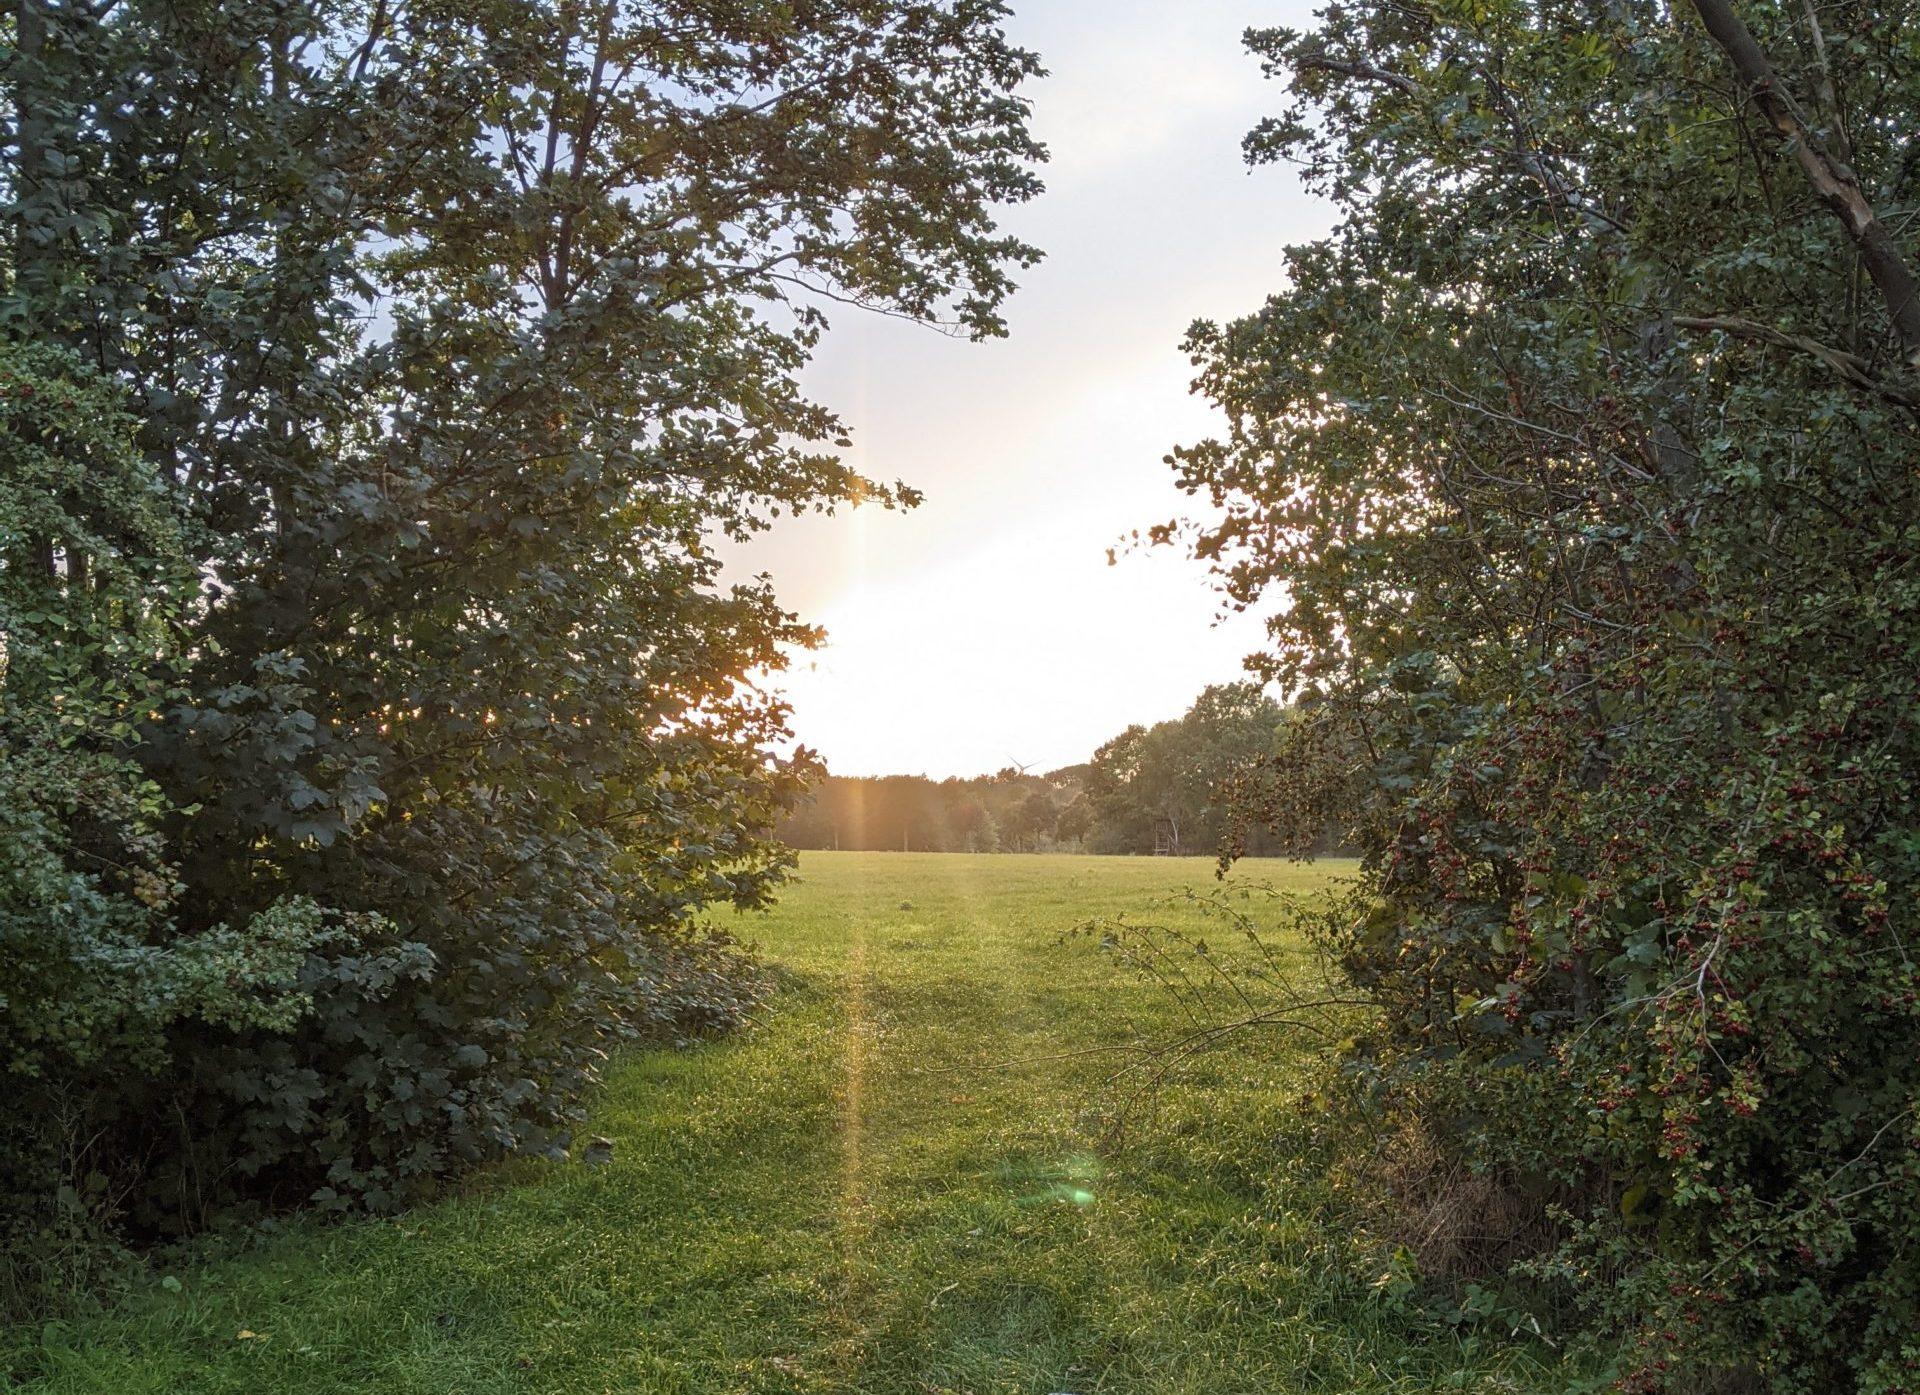 Jog around the blog [390]: Ein Halber geht immer, auch im Oktober